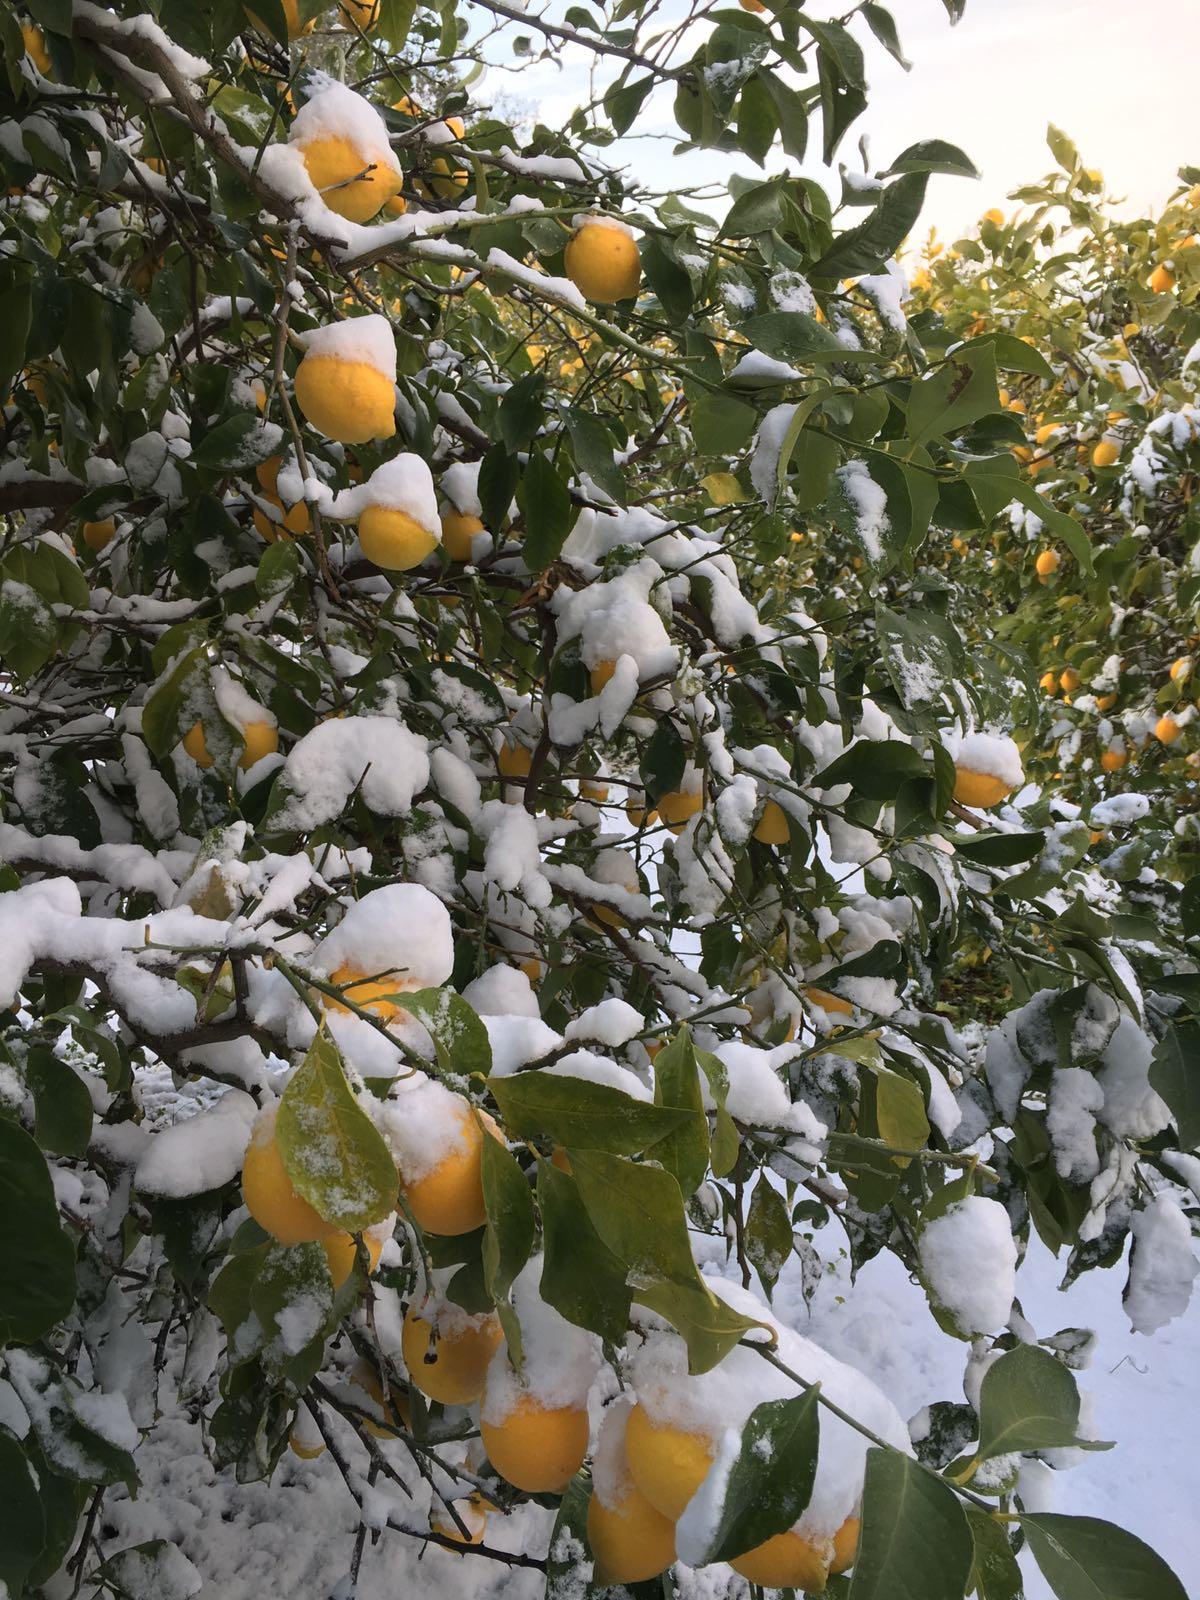 Maltempo, disagi in tutta la Calabria centro - settentrionale per le nevicate della scorsa notte